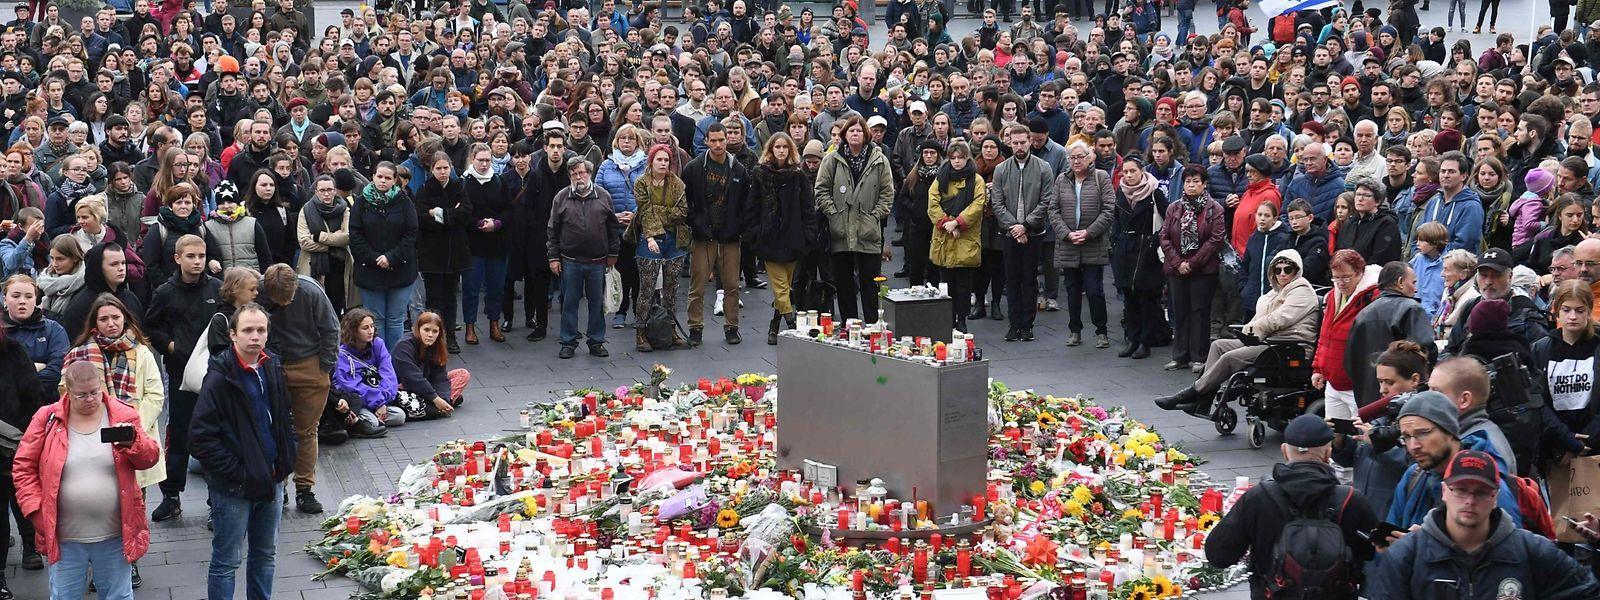 Teilnehmer der Demonstration des Bündnisses «Halle gegen Rechts - Bündnis für Zivilcourage» versammeln sich auf dem Marktplatz hinter abgelegten Blumen und Kerzen.